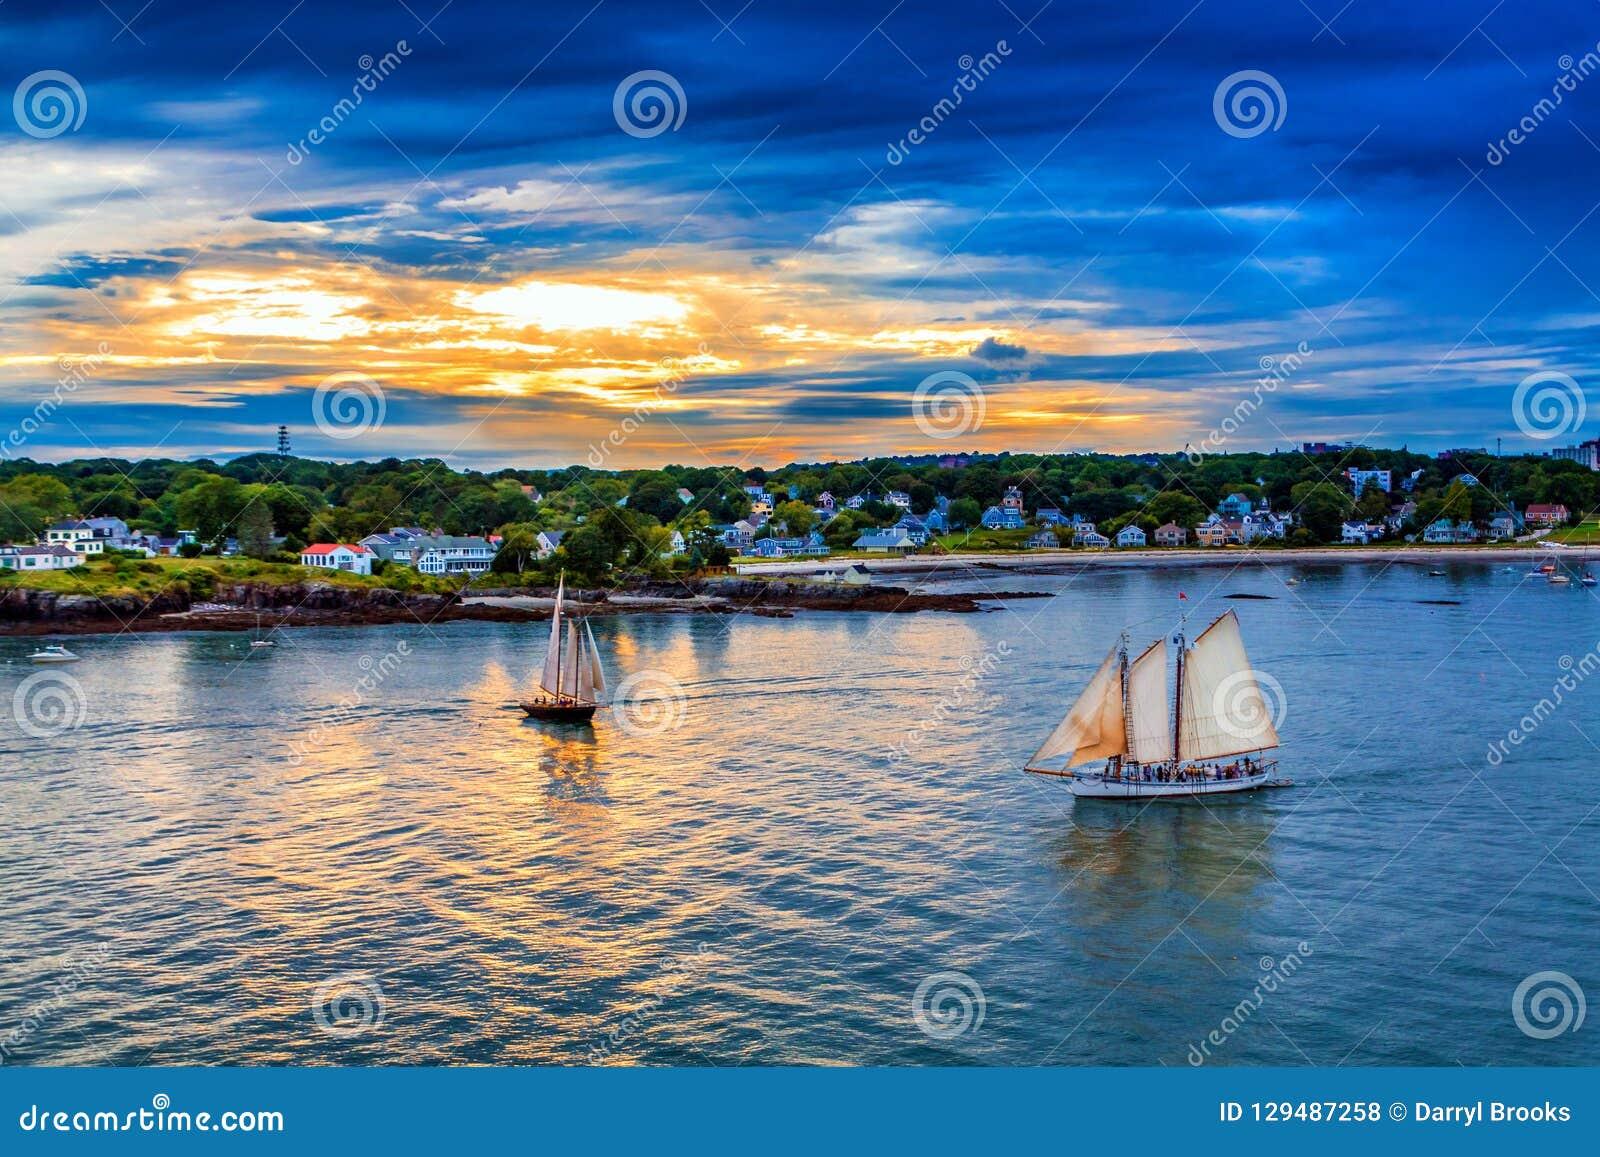 Two Sailboats at Sunset